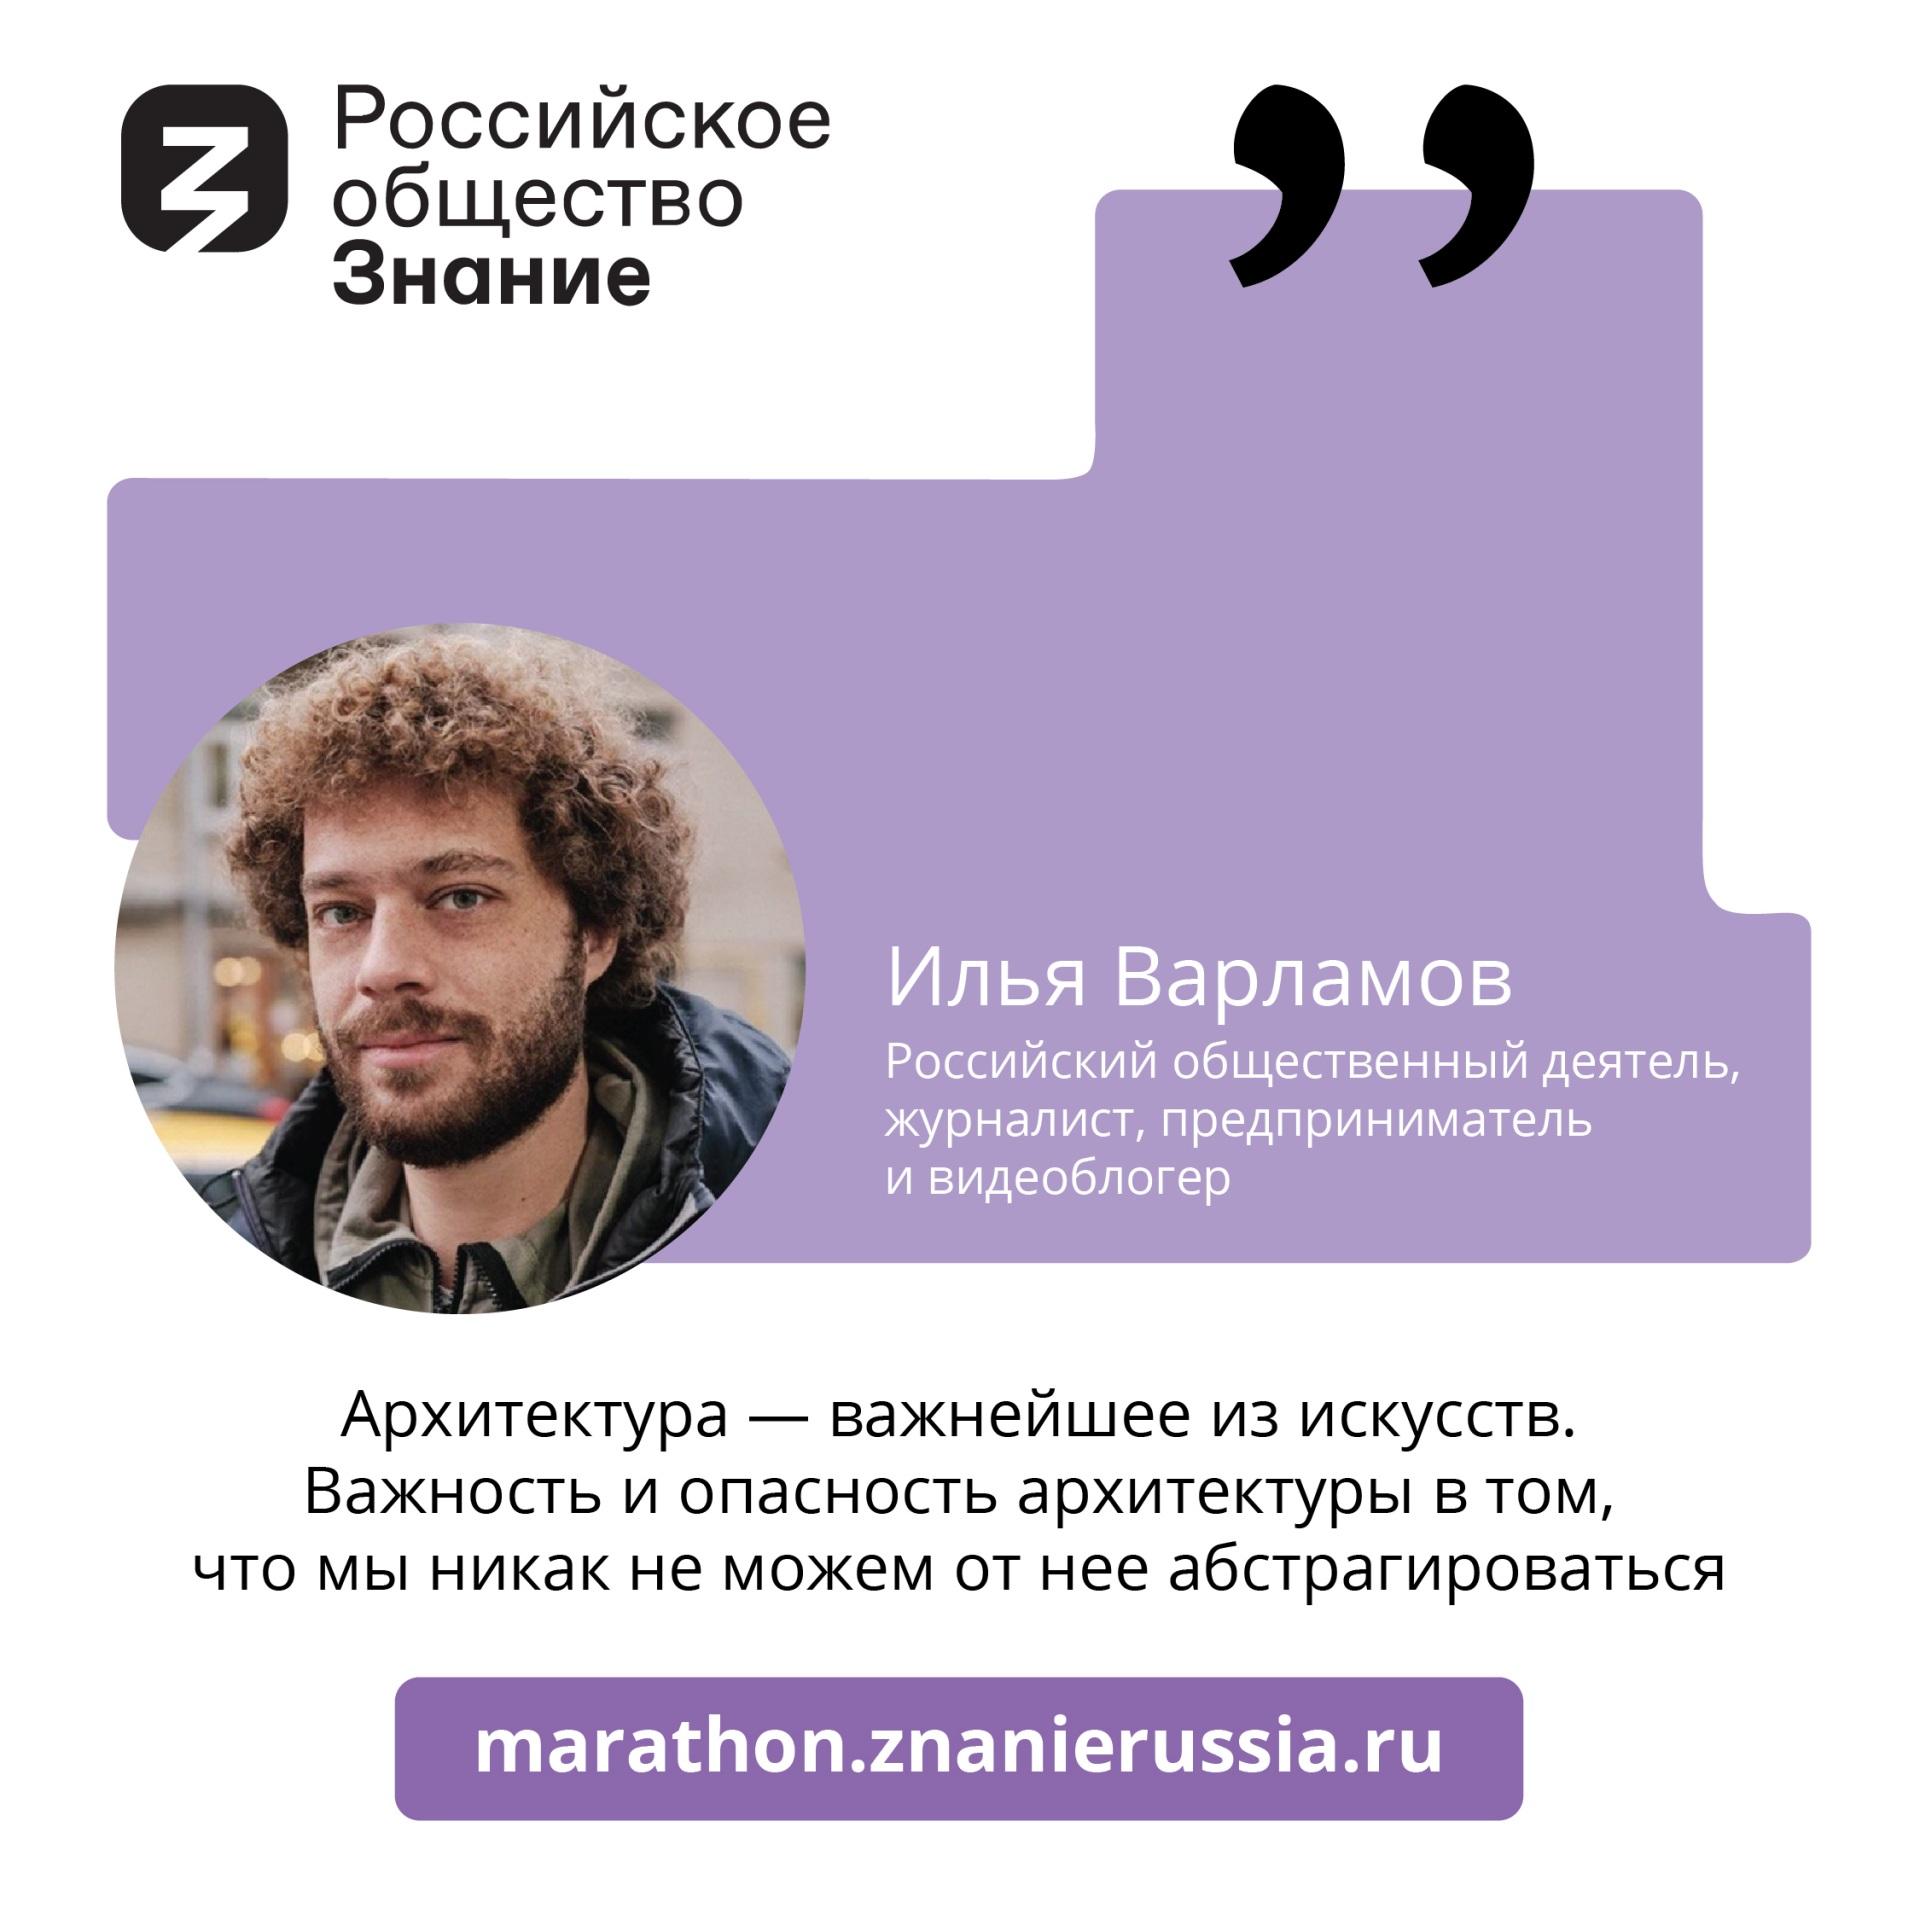 05.20_Kartochka-Varlamov-01(1).jpg